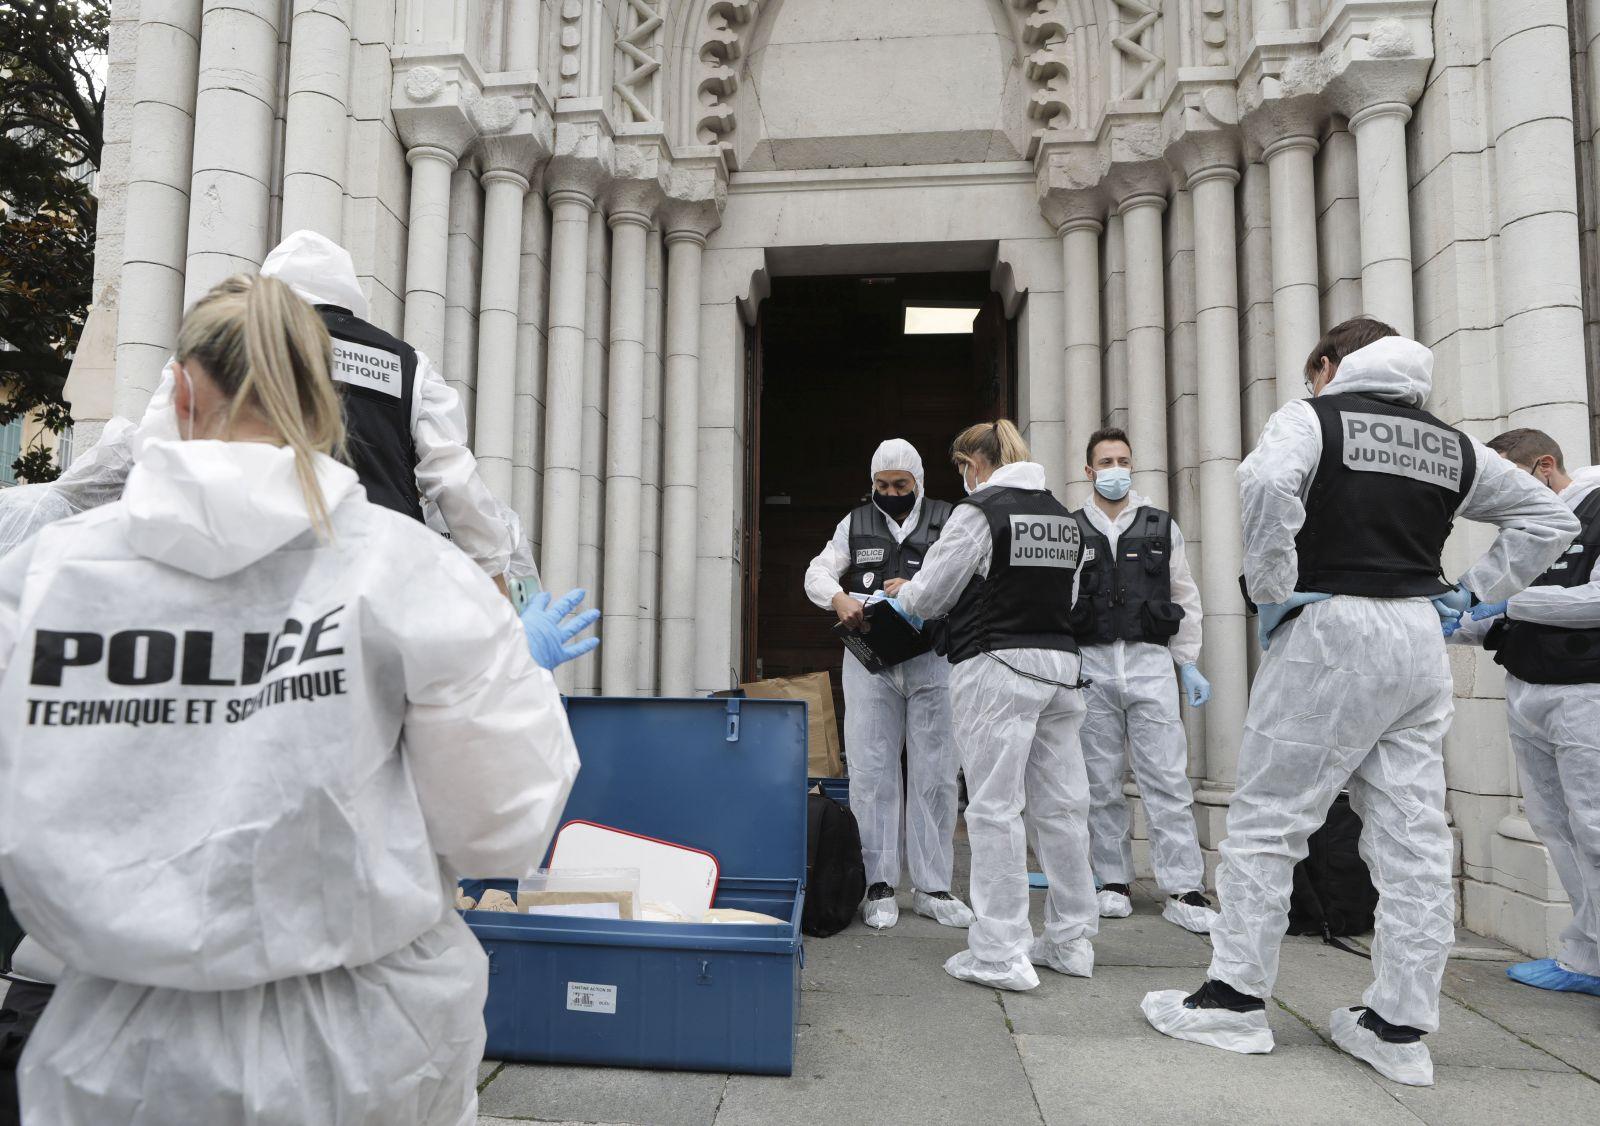 Útok vo francúzskom Nice odsúdili prezidentka, premiér Matovič aj minister zahraničných vecí